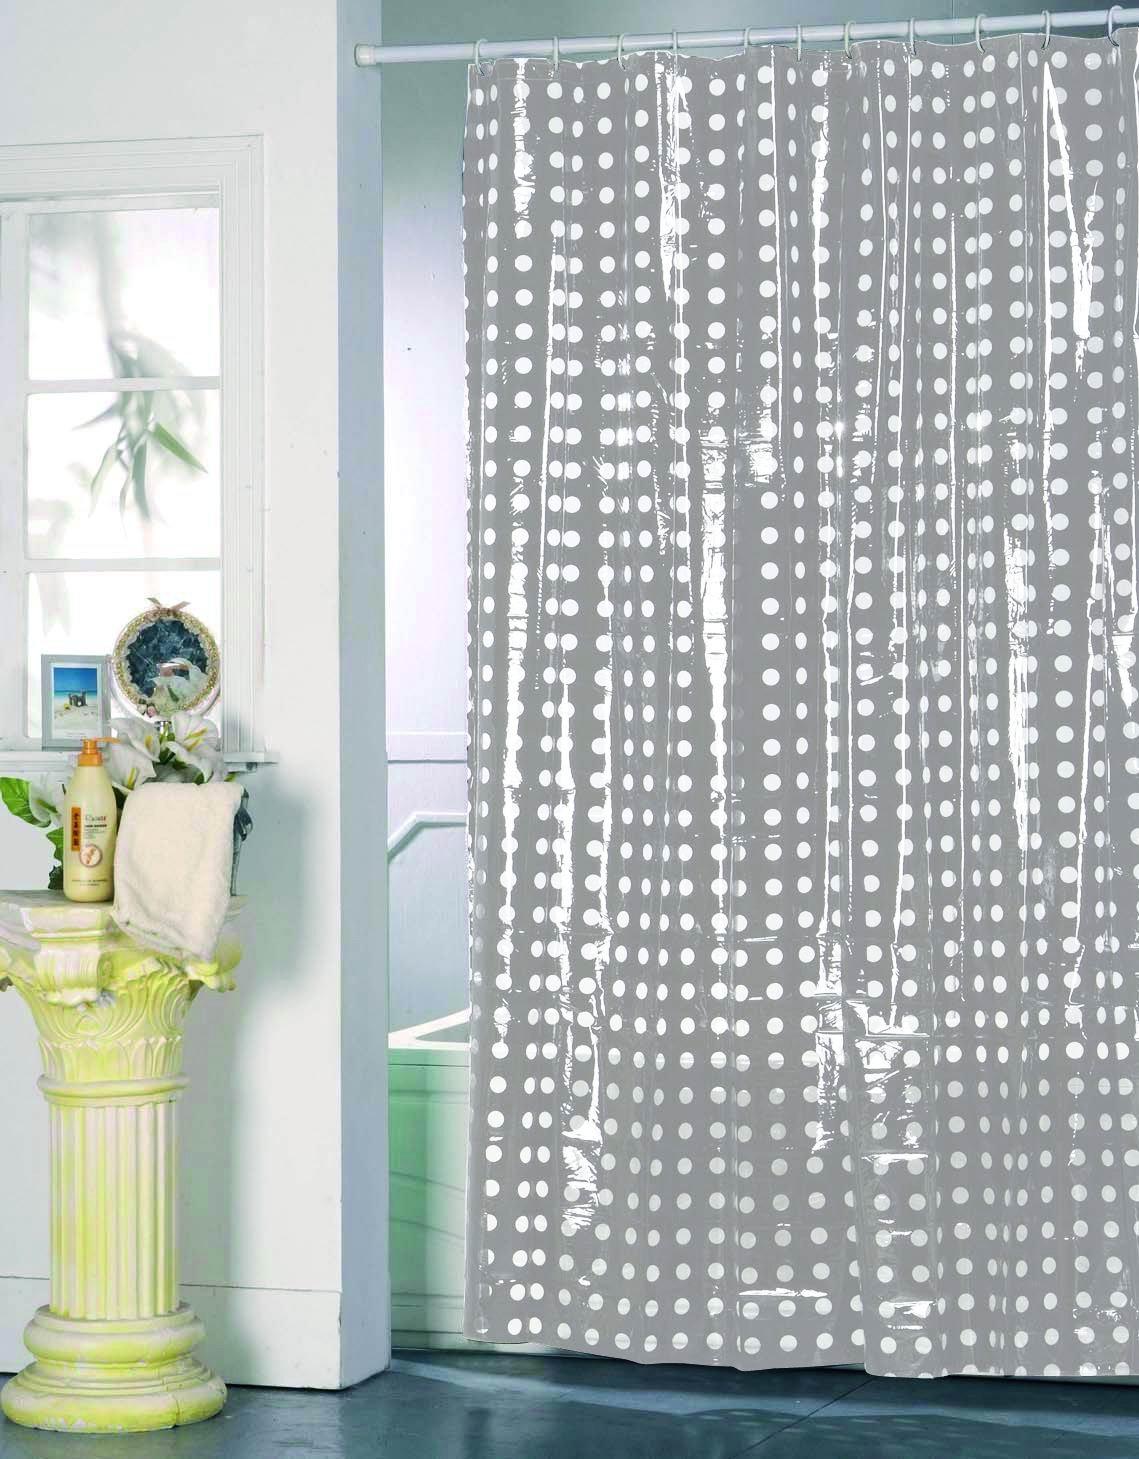 MSV 141046 - Tenda doccia, in PVC + plastica di polipropilene, colore grigio, 12 occhielli inclusi, 180 x 200 x 0,1 cm 928/141046